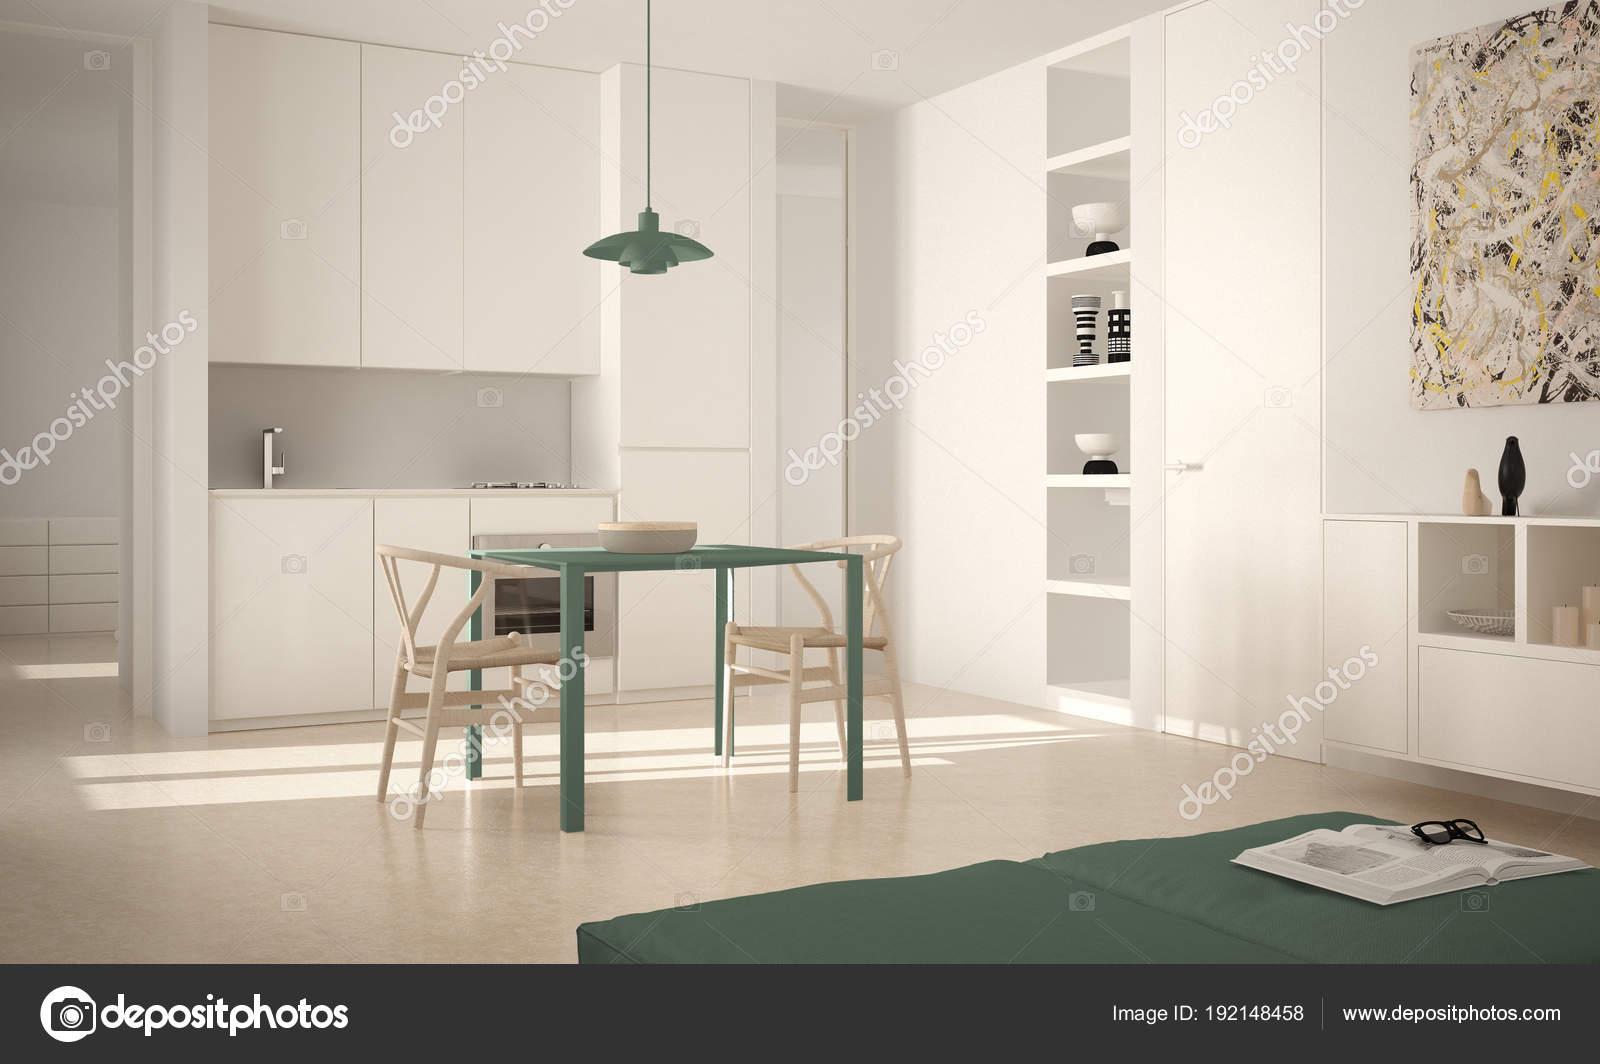 Grote Witte Eettafel.Minimalistische Moderne Lichte Keuken Met Eettafel En